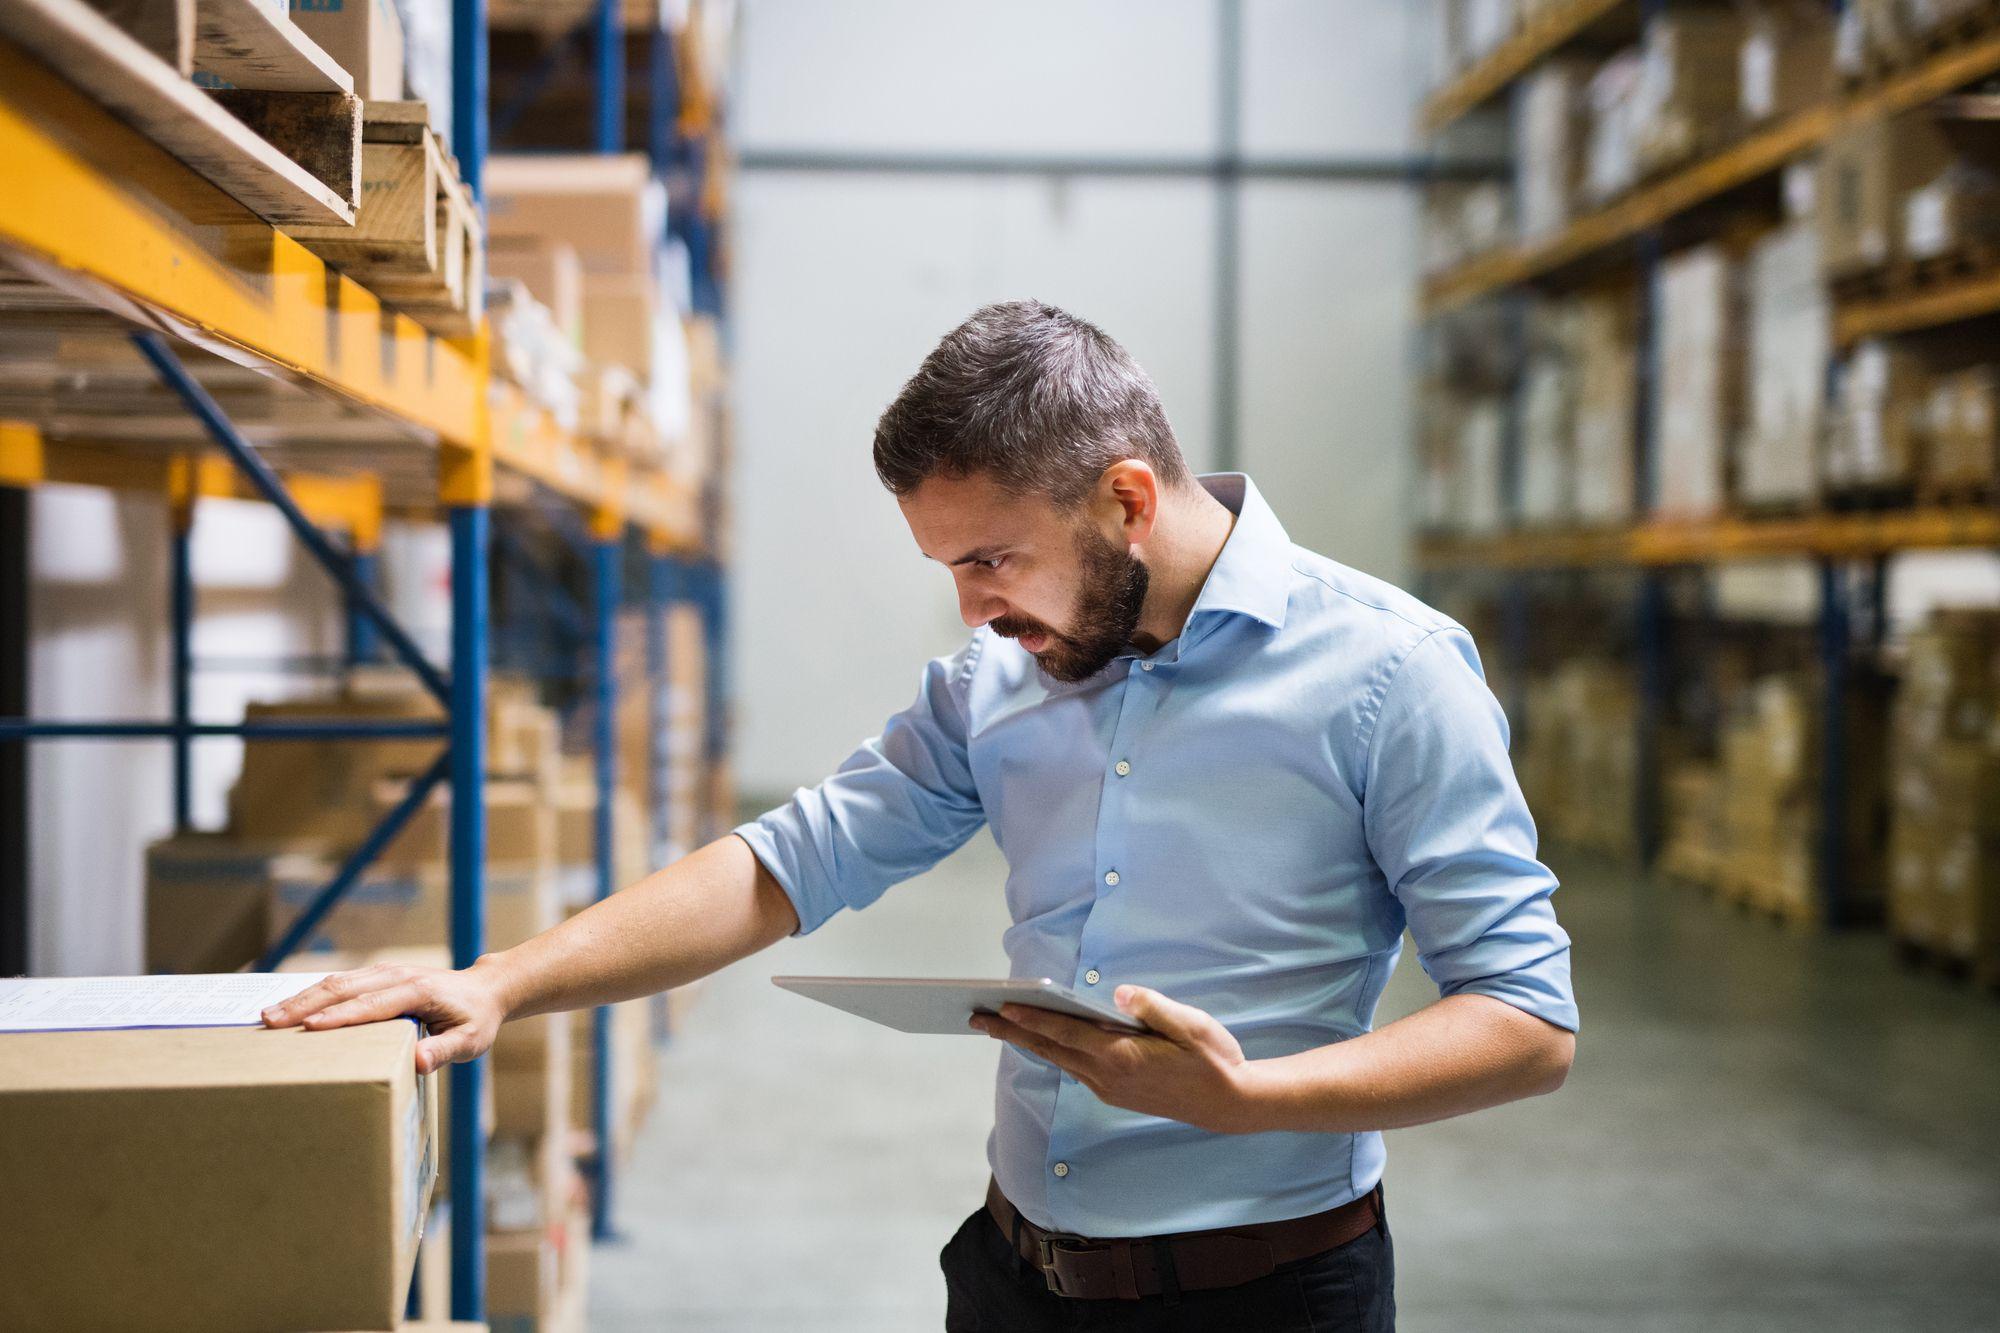 Logística de distribuição: 3 dicas para aumentar sua eficiência